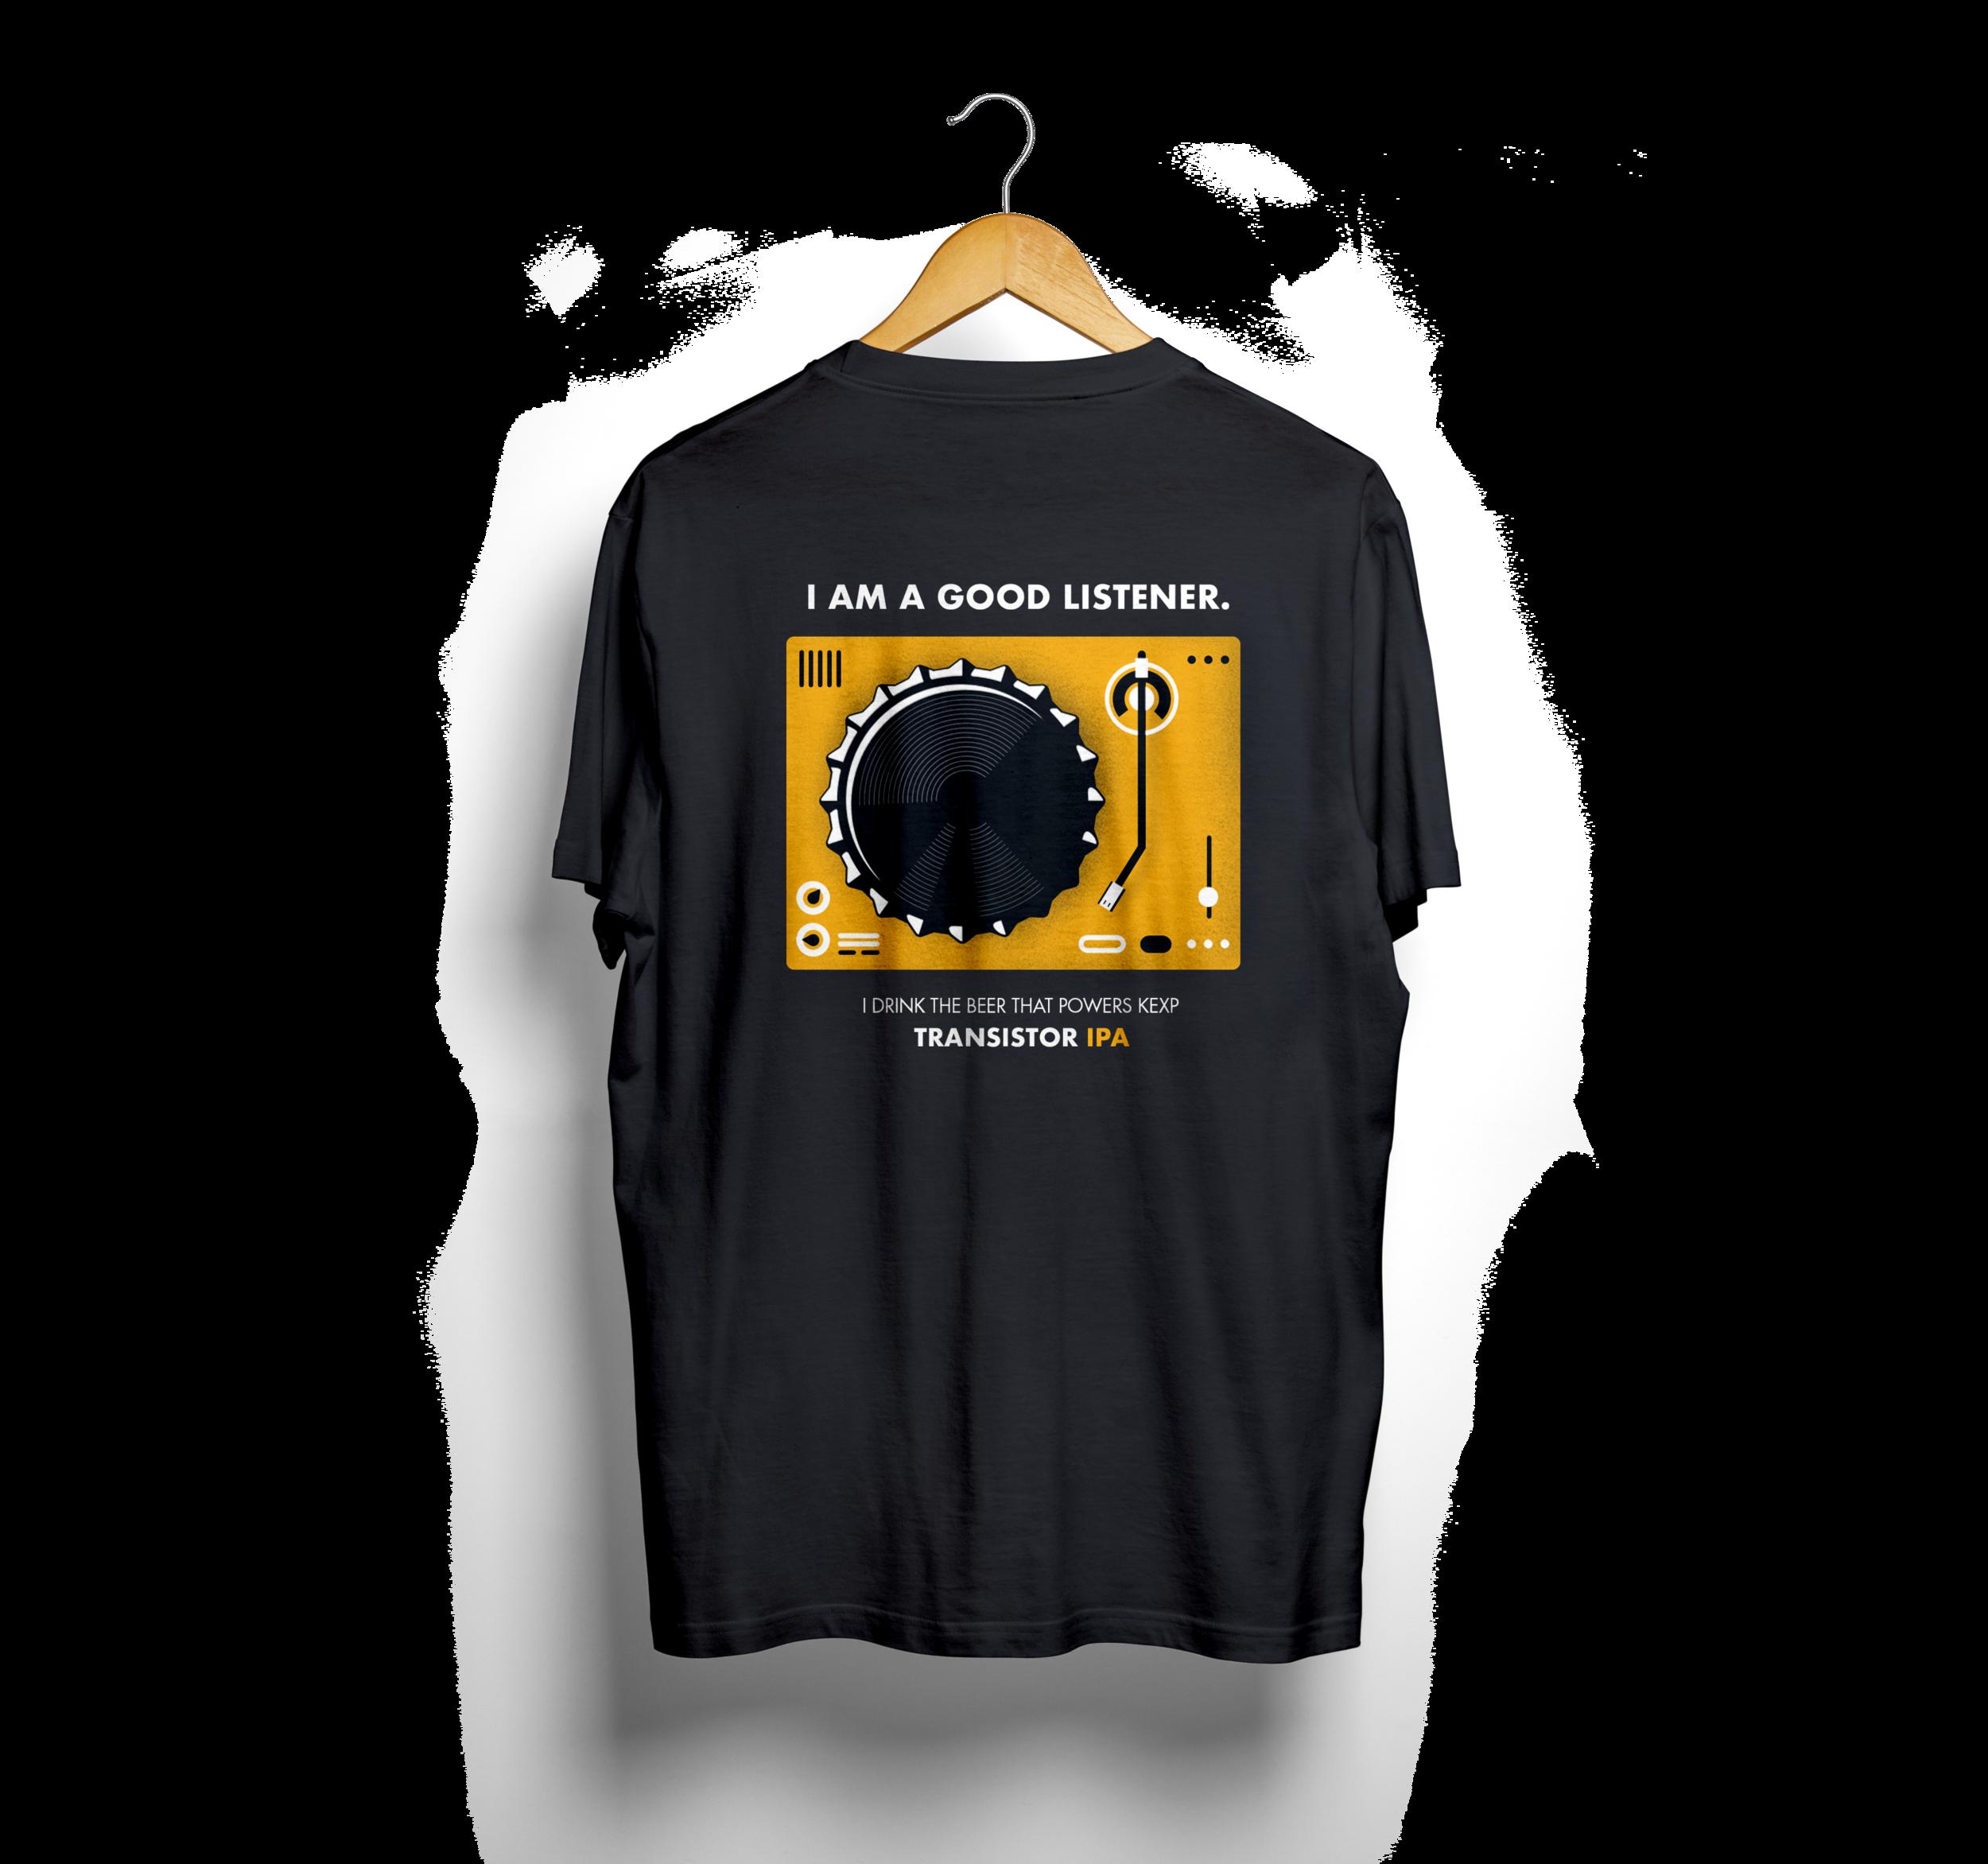 SCUTTLEBUTT_KEXP_Shirt_Back1.png